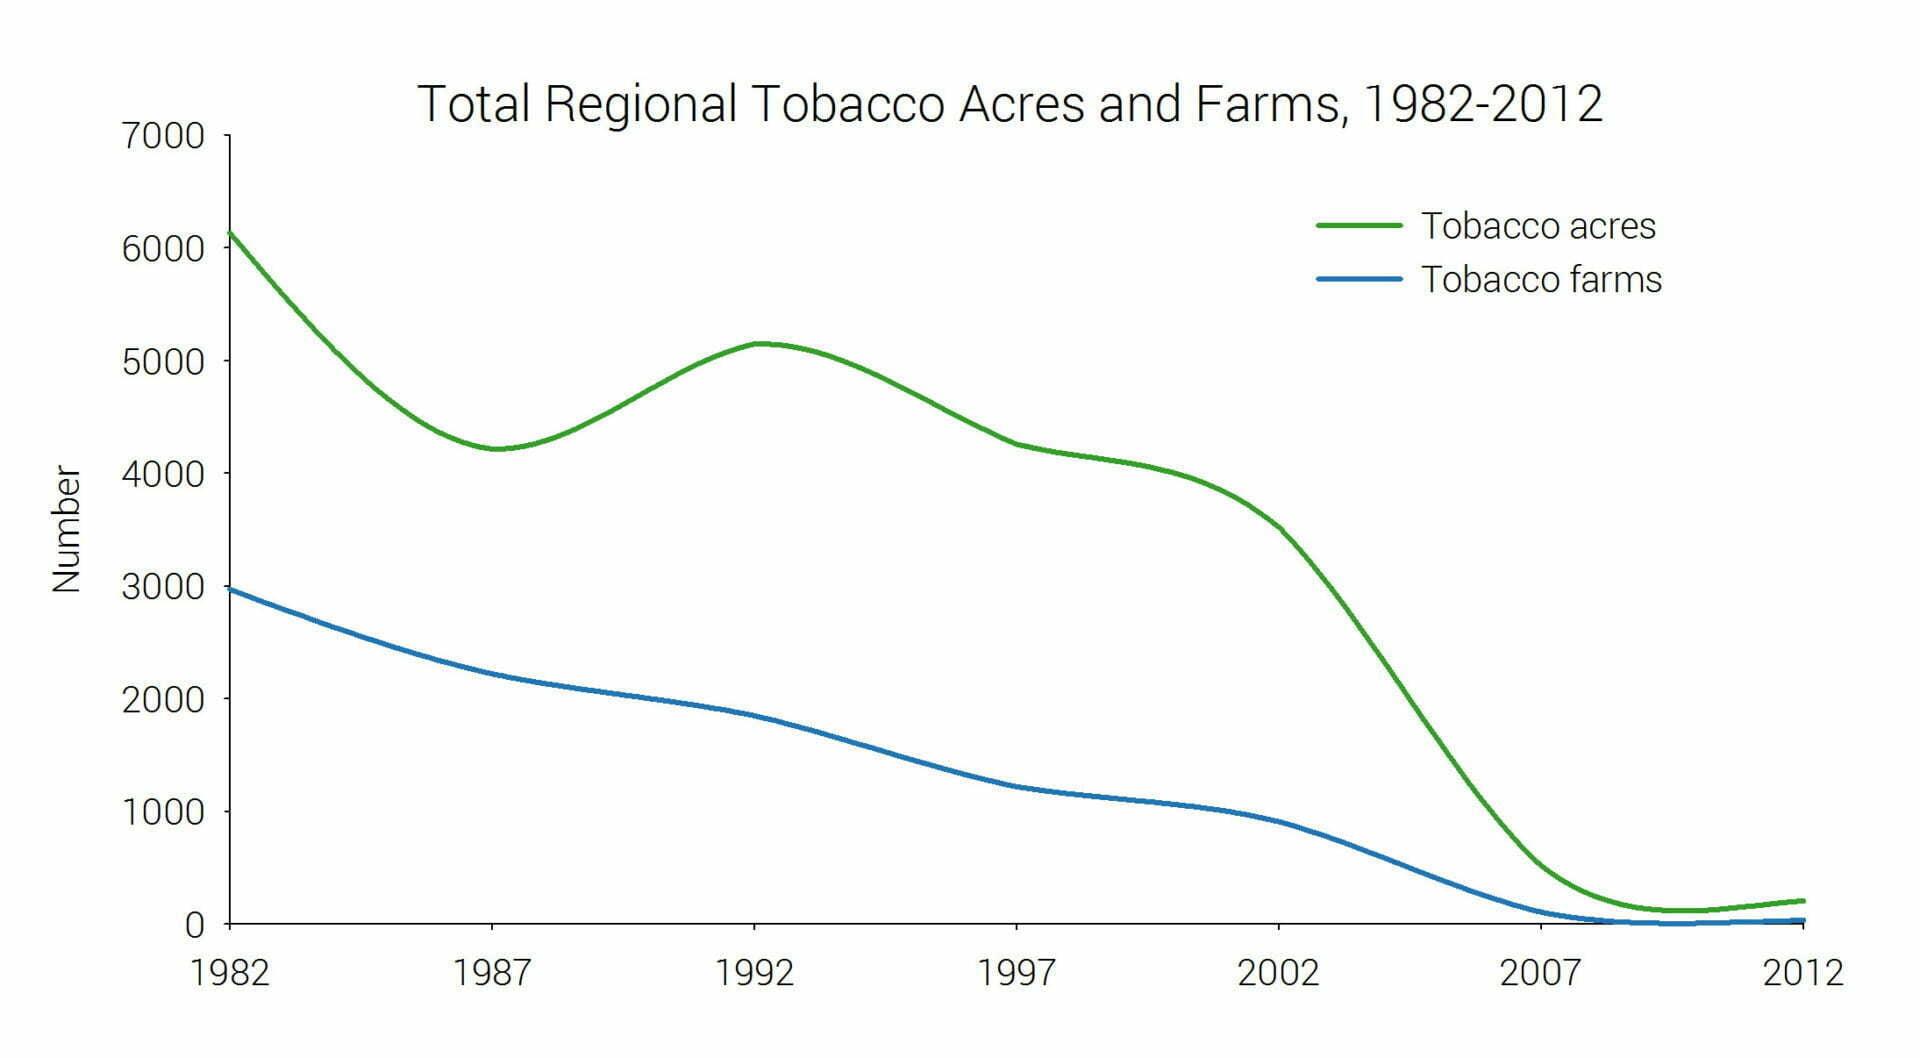 Tobacco_LOS_FarmsvAcres